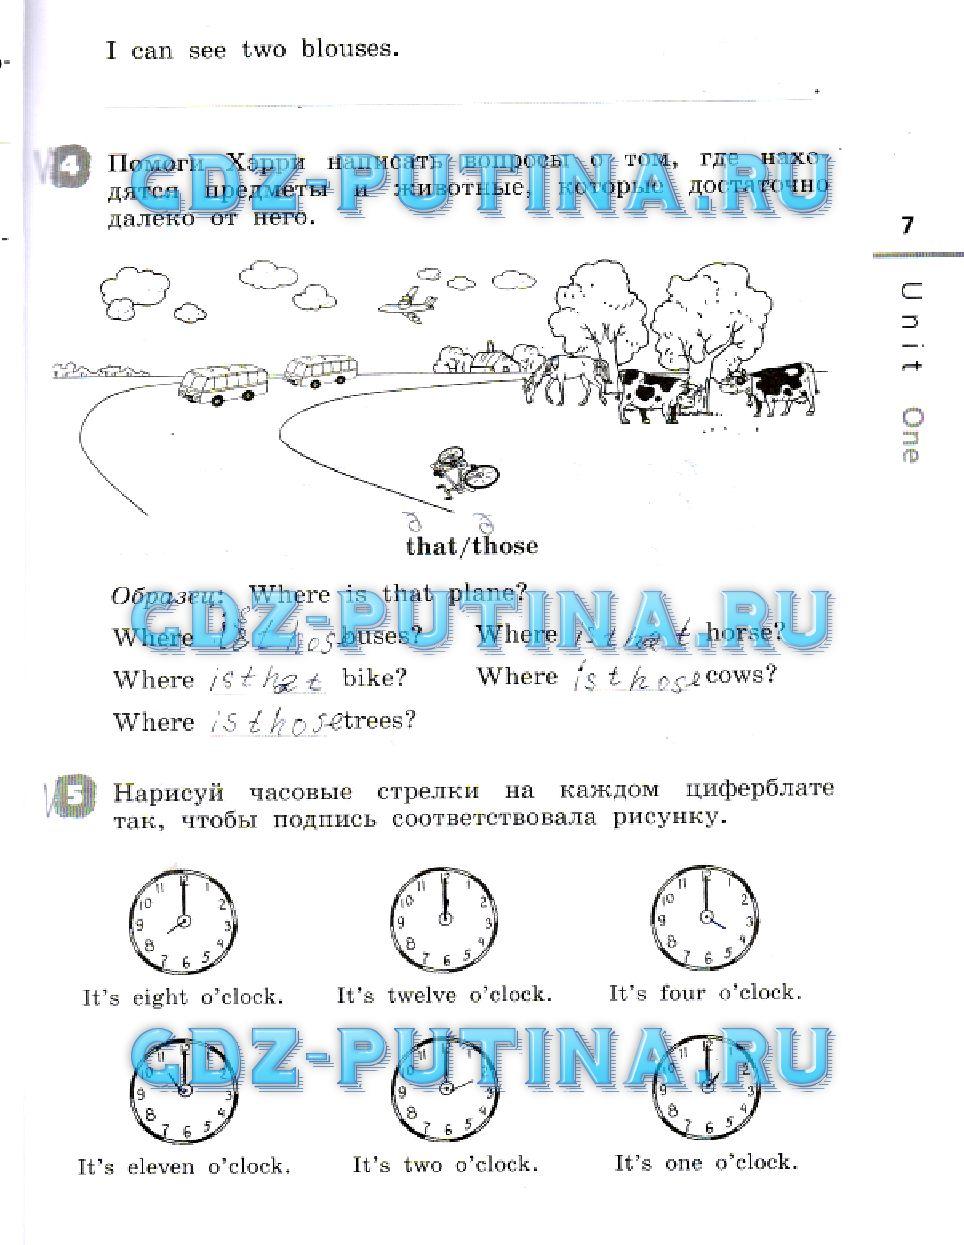 гдз афанасьева михеева 2 класс 1 часть рабочая тетрадь ответы